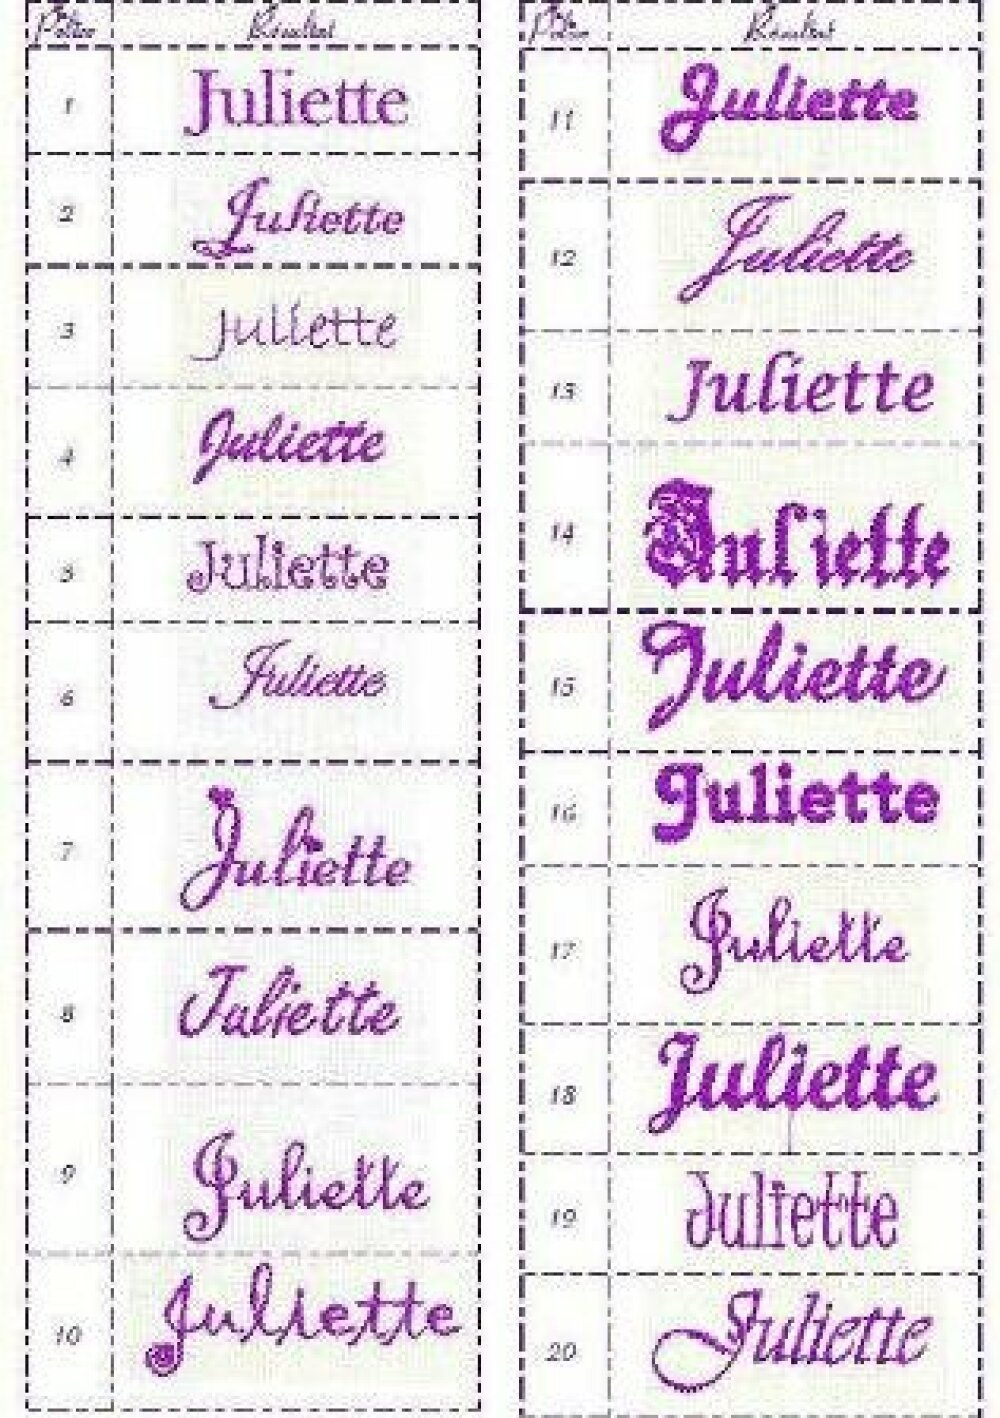 coussin d'alliances personnalisé pour mariage avec vos prénoms (déco une rose ou autre)